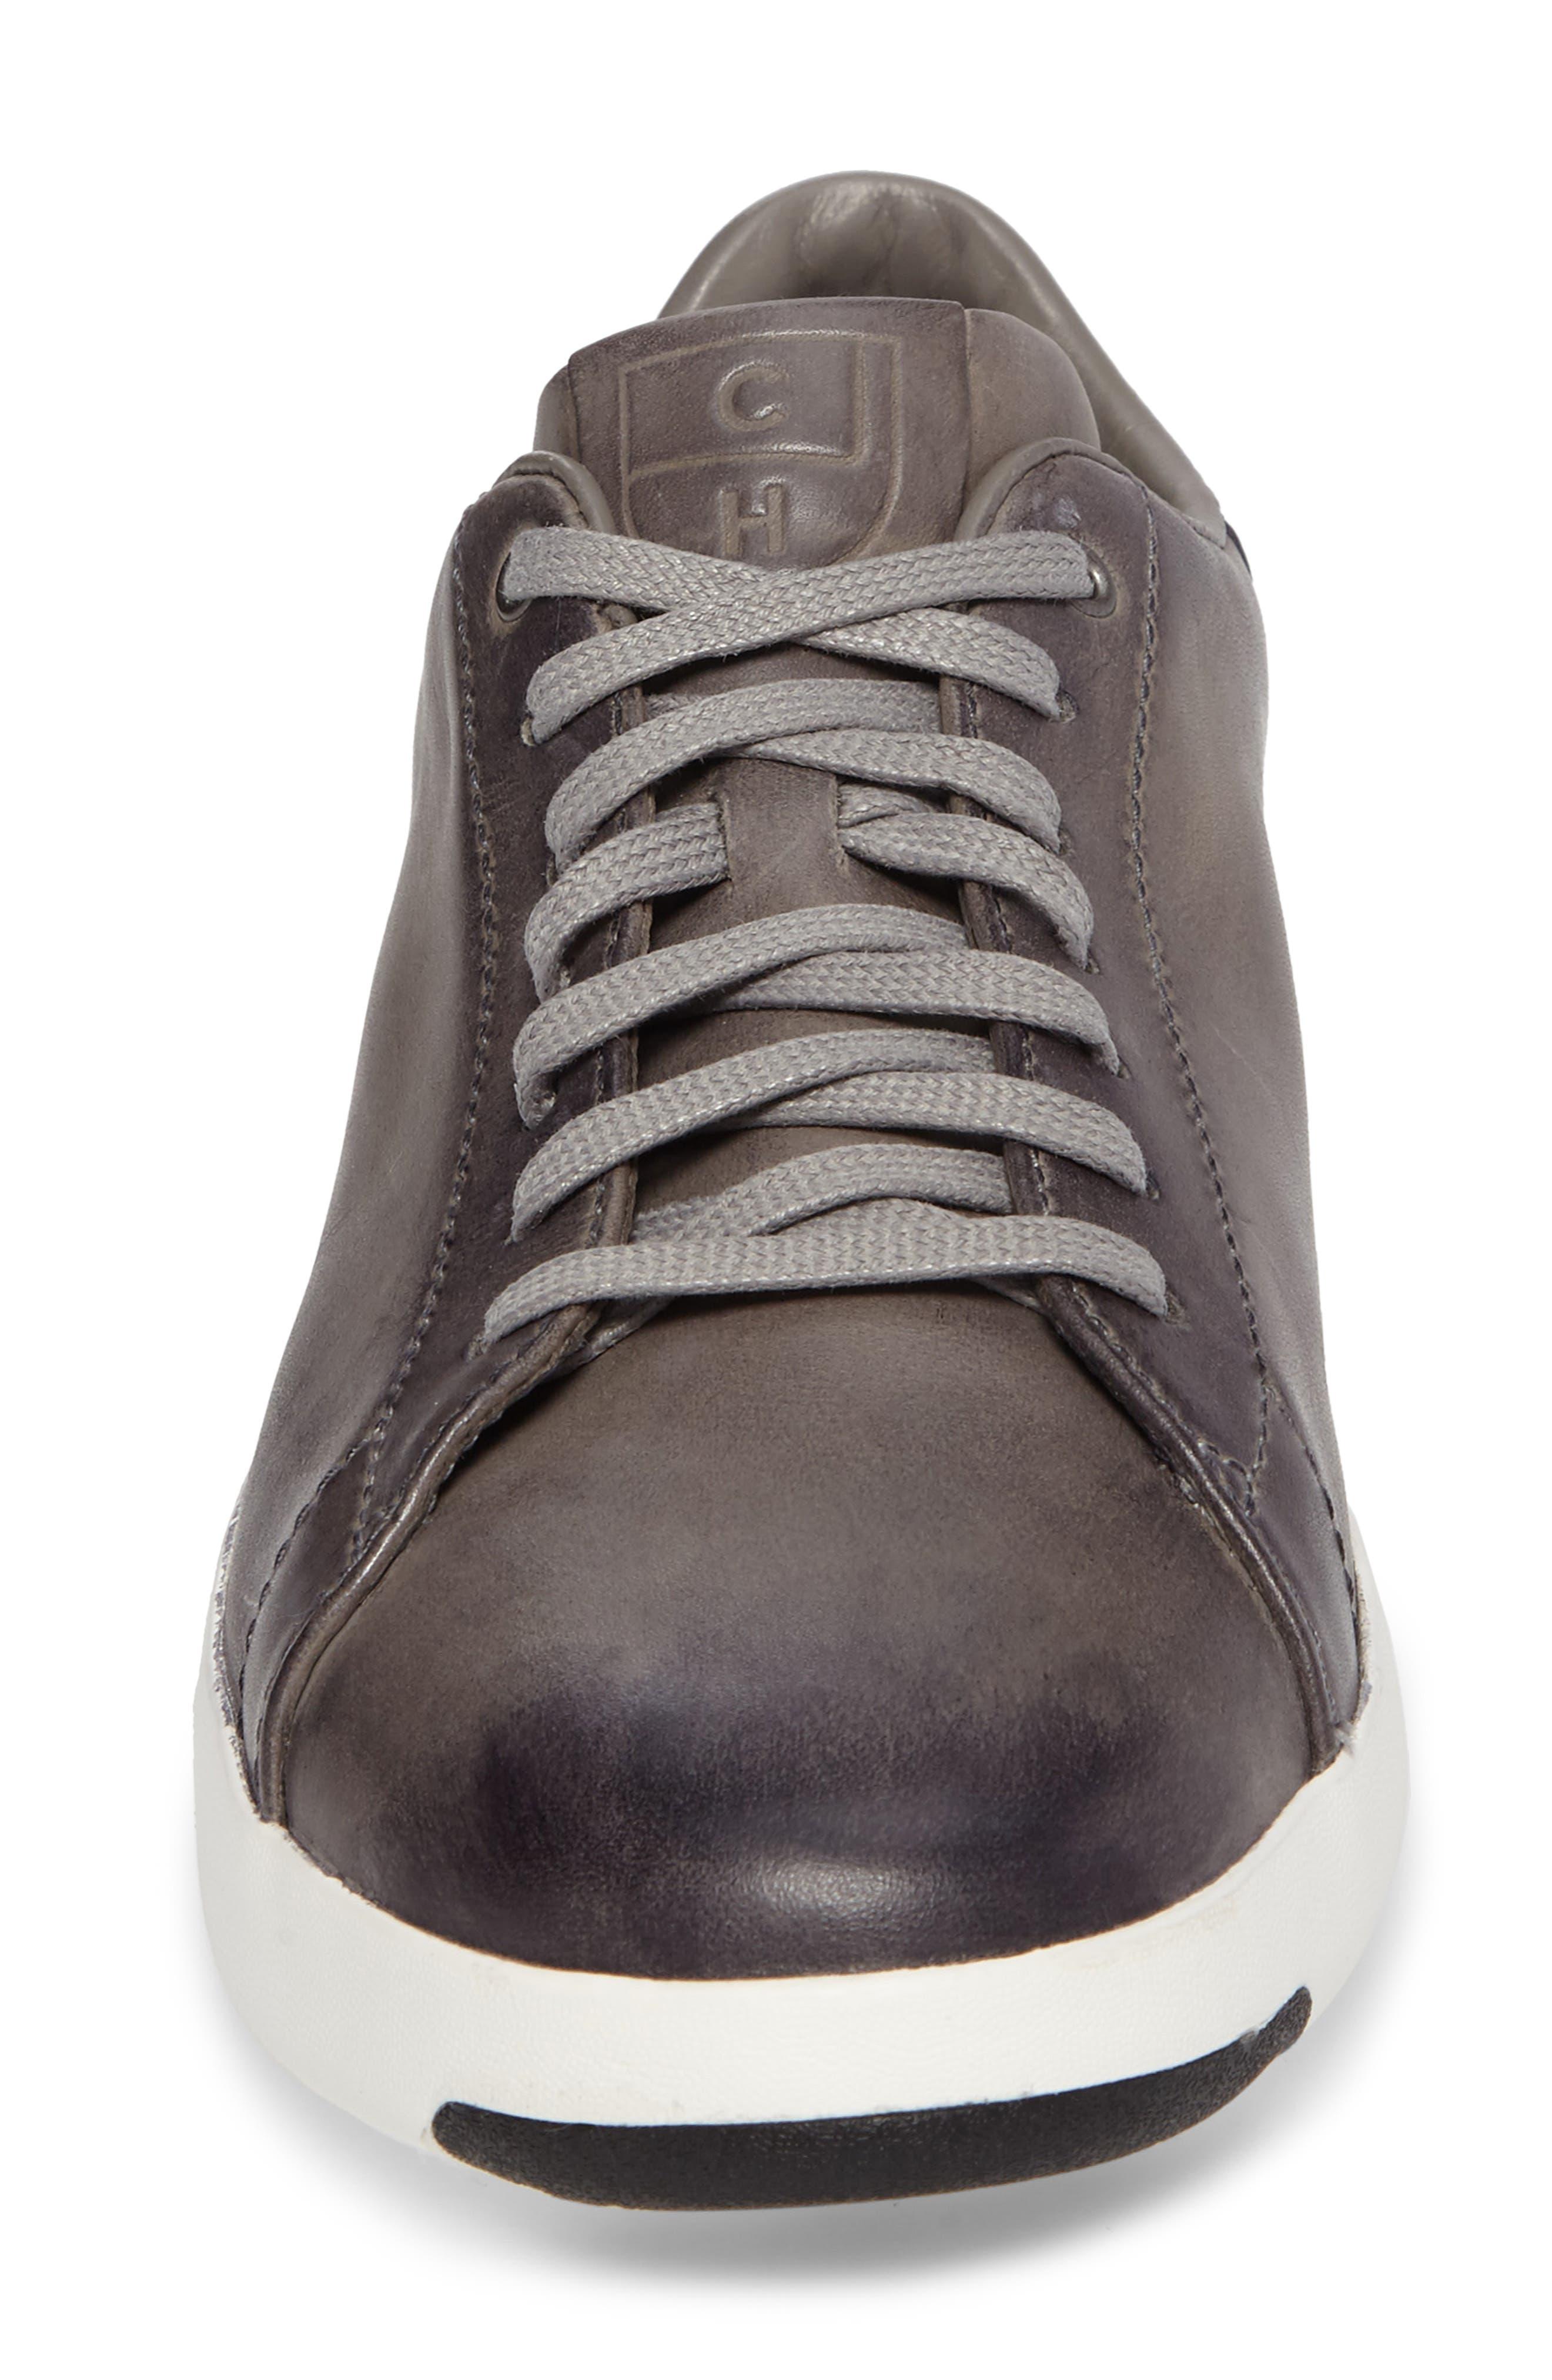 GrandPro Tennis Sneaker,                             Alternate thumbnail 4, color,                             IRONSTONE GRAY HANDSTAIN